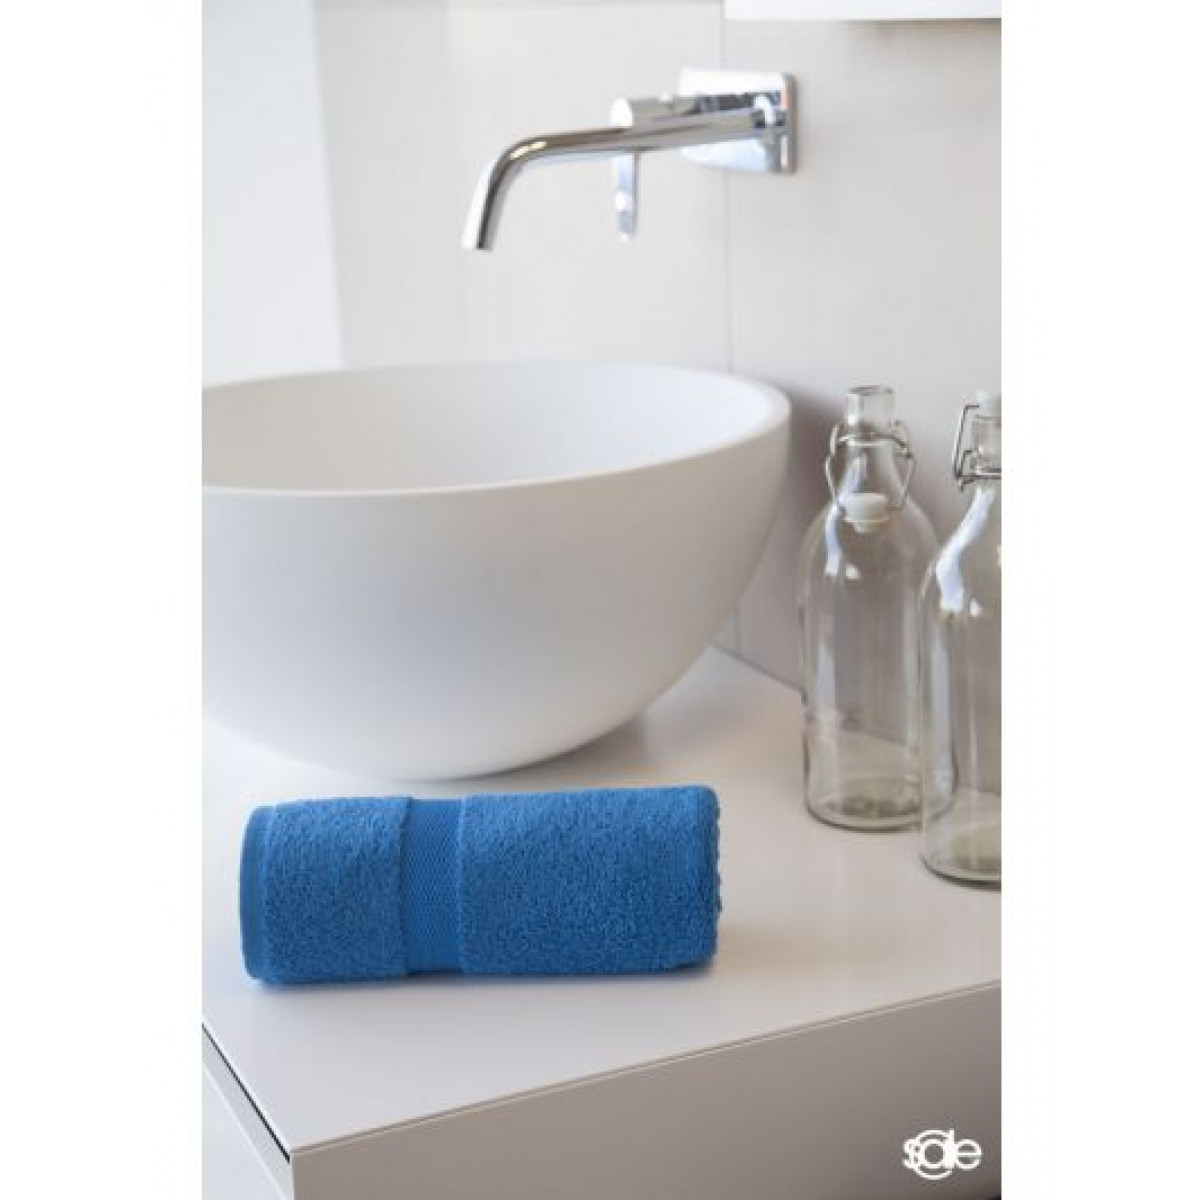 handdoeken kobaltblauw